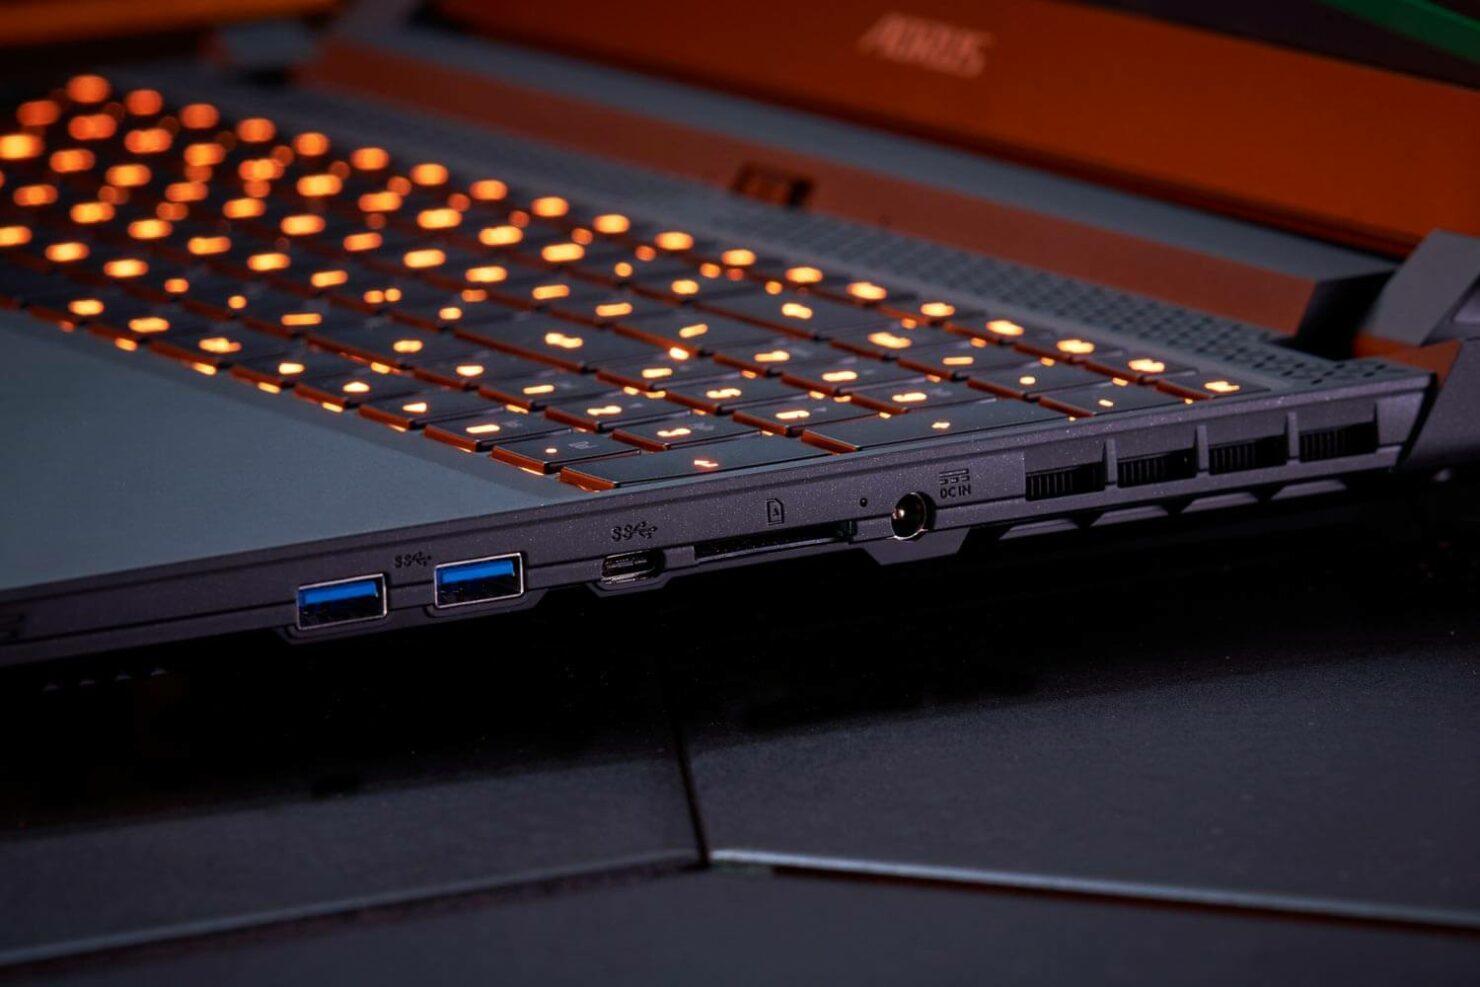 aorus-intel-11th-gen-gaming-laptop-4